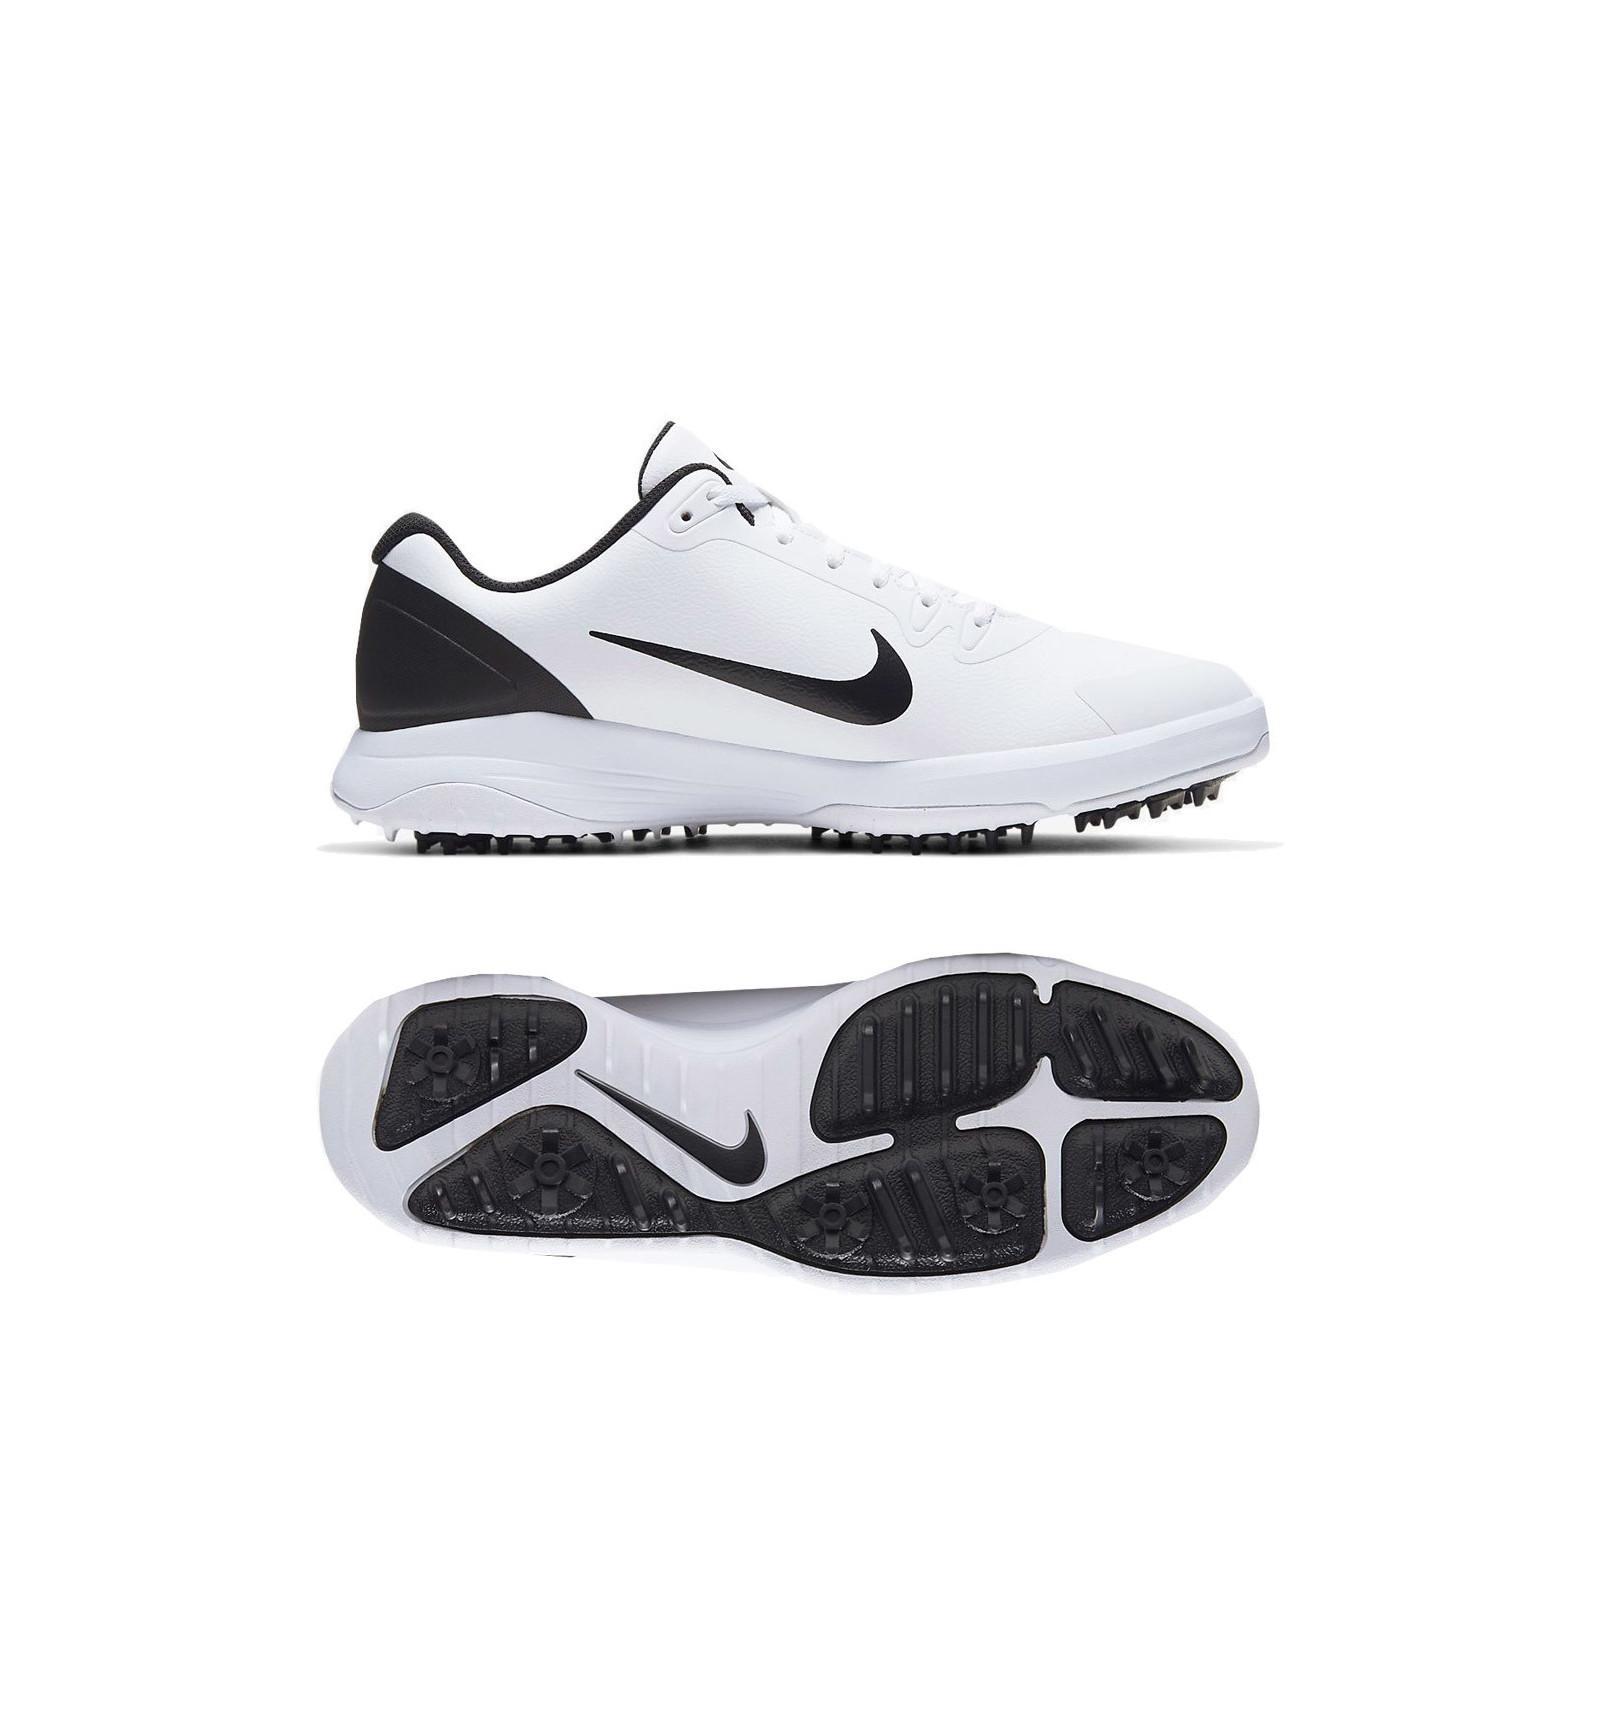 Chaussures de golf Nike Infinity G Blanc Noir